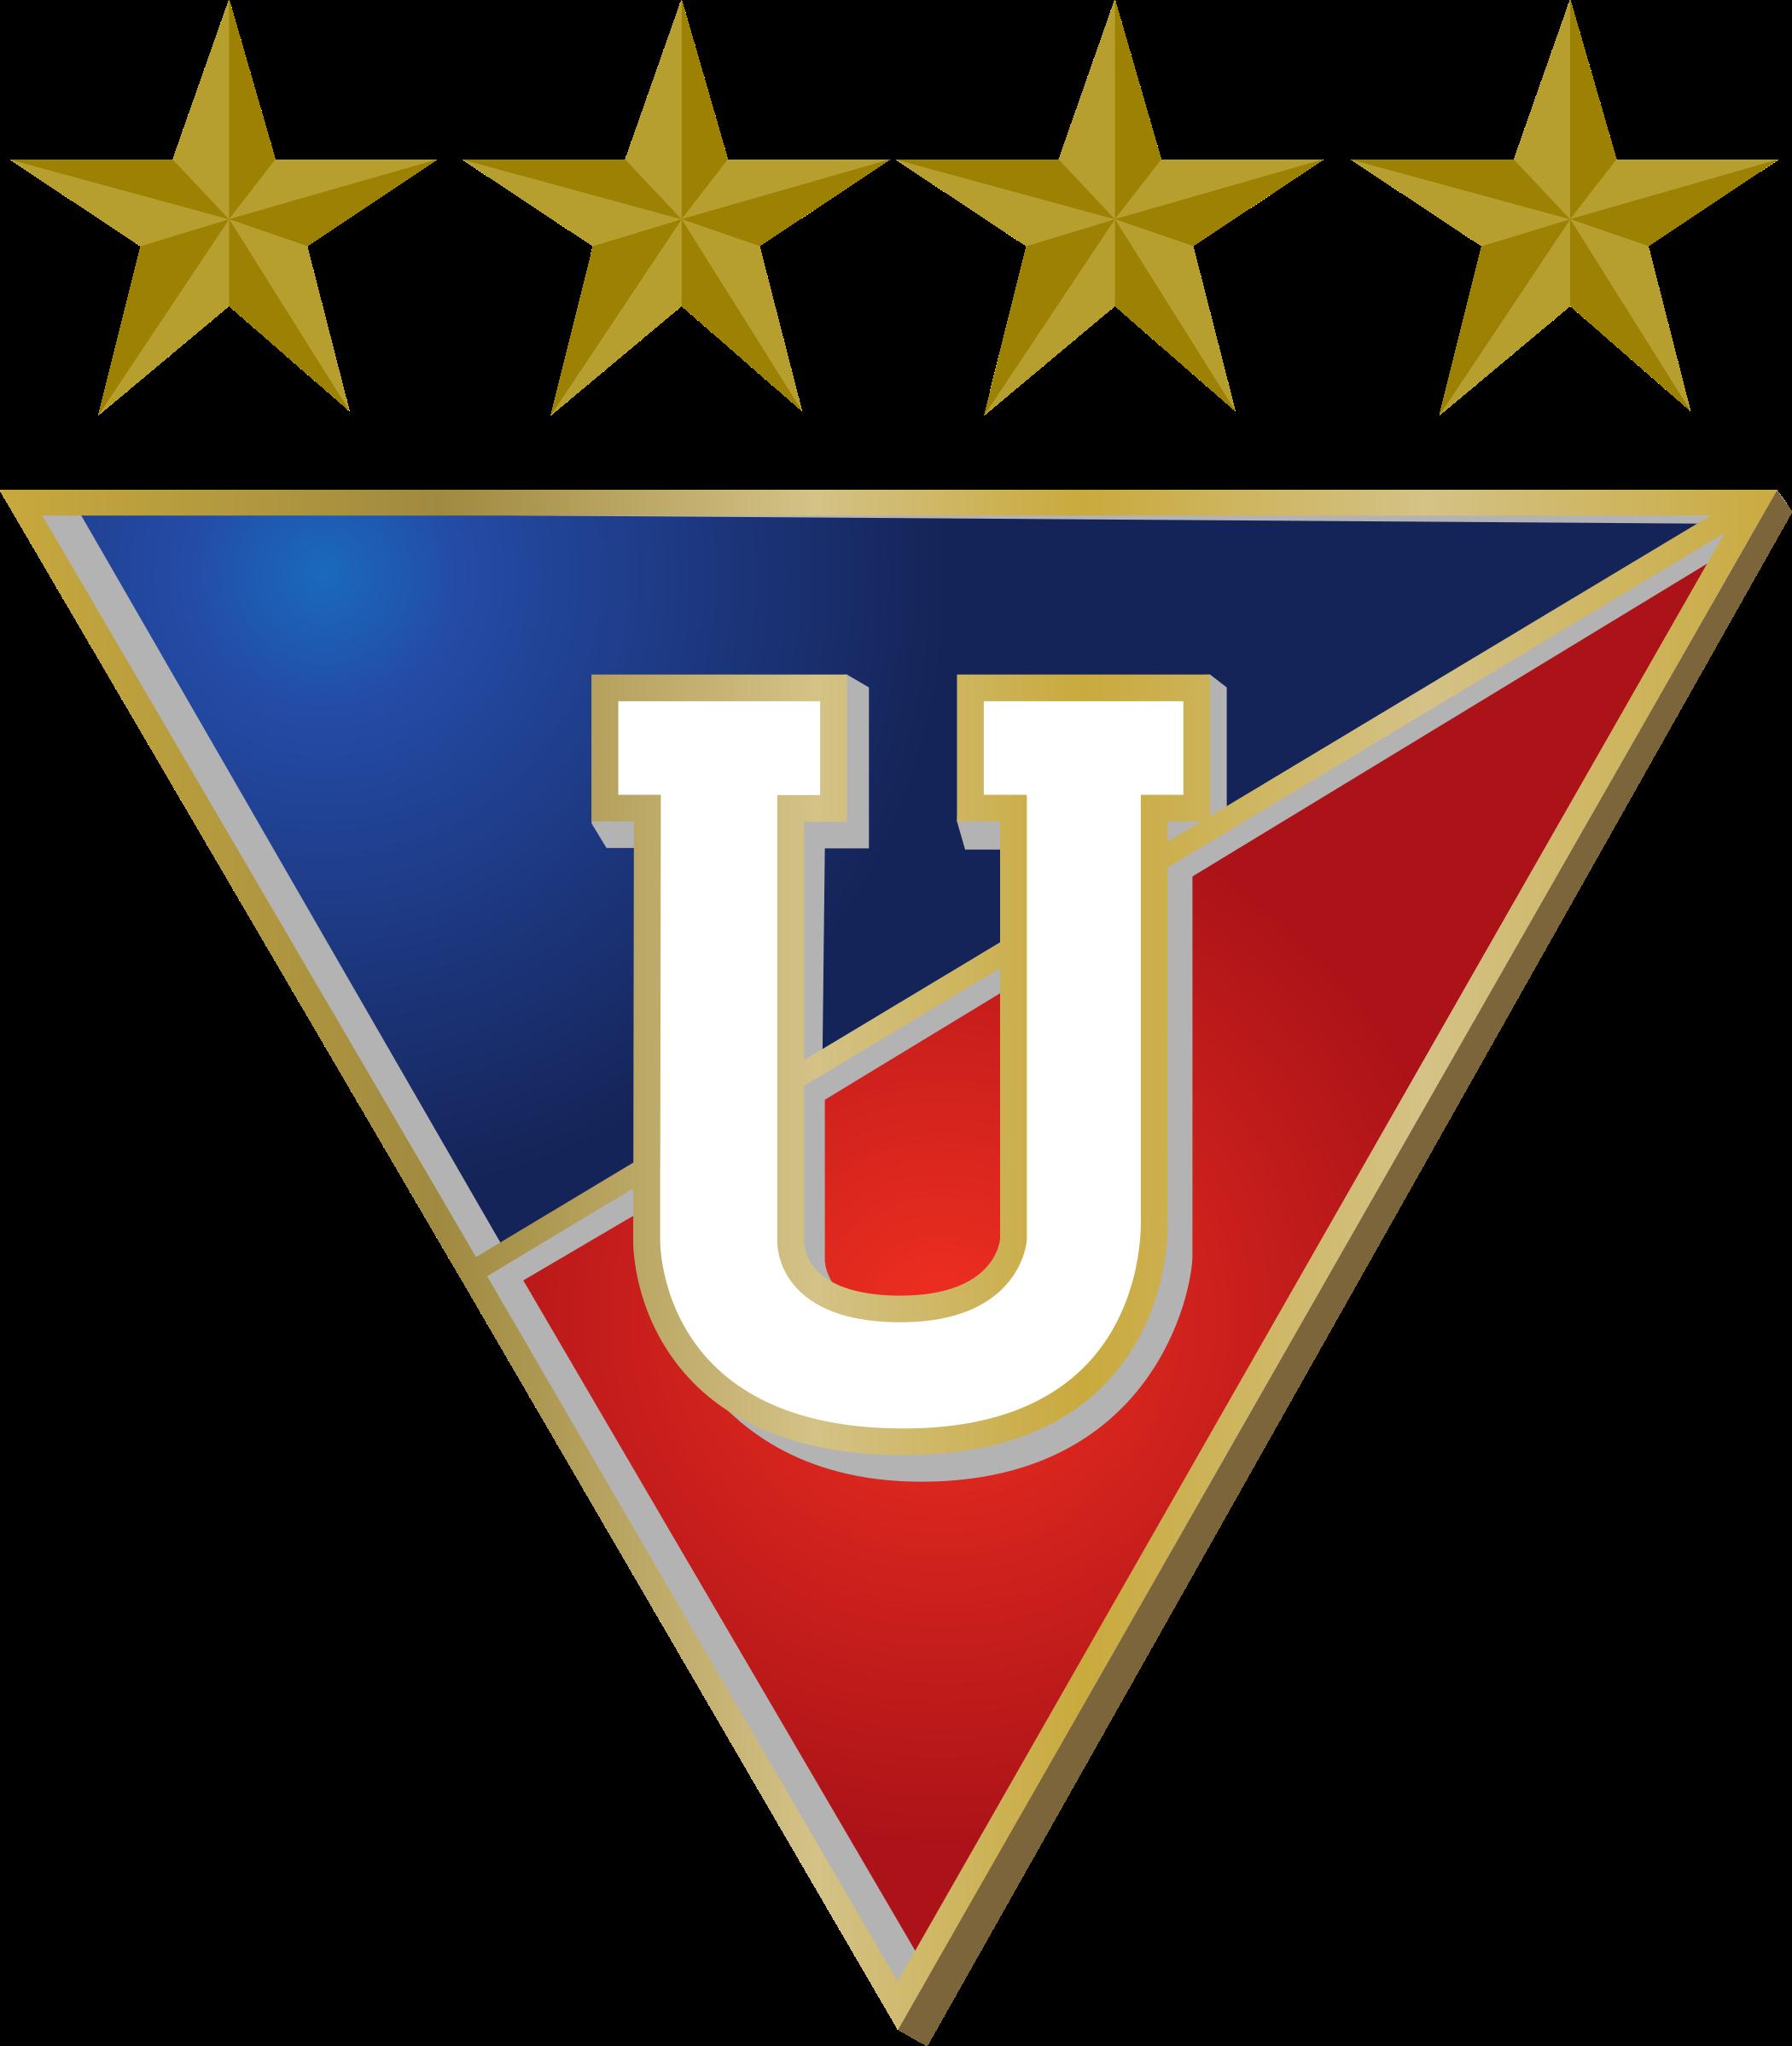 ldu logo 2 - LDU Logo - Liga Deportiva Universitaria de Quito Escudo